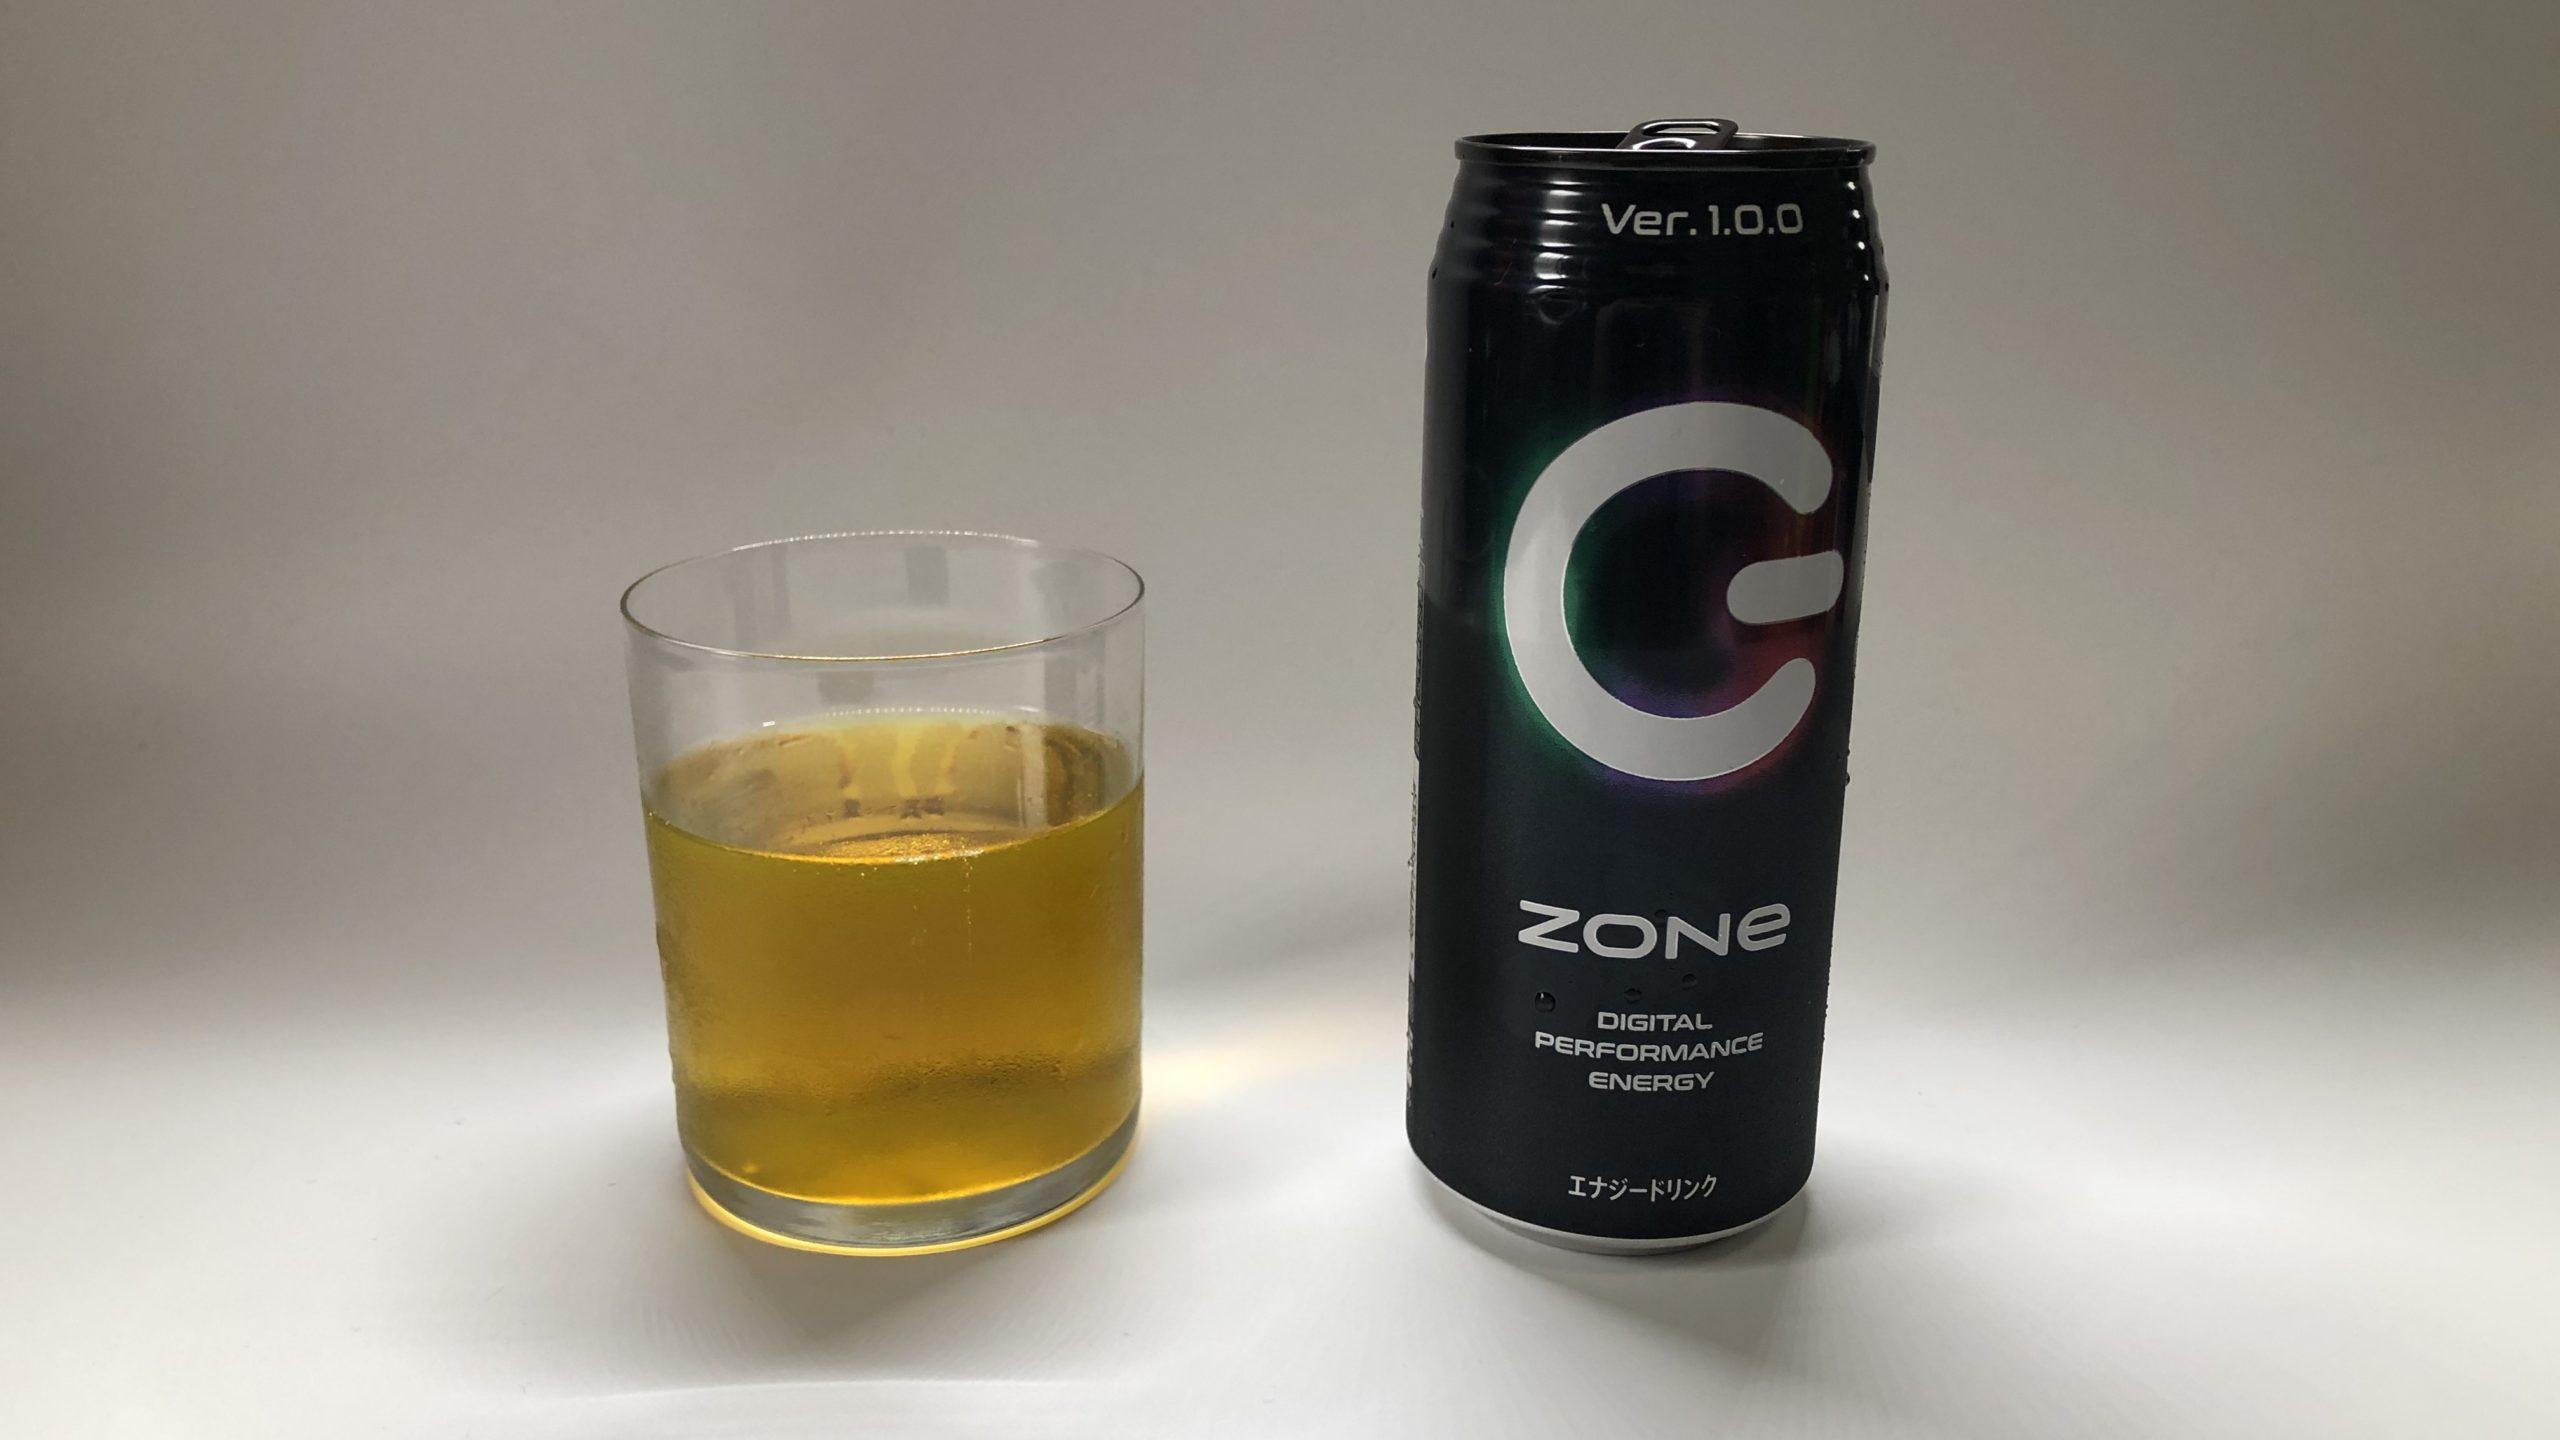 ZONe Ver1.0.0